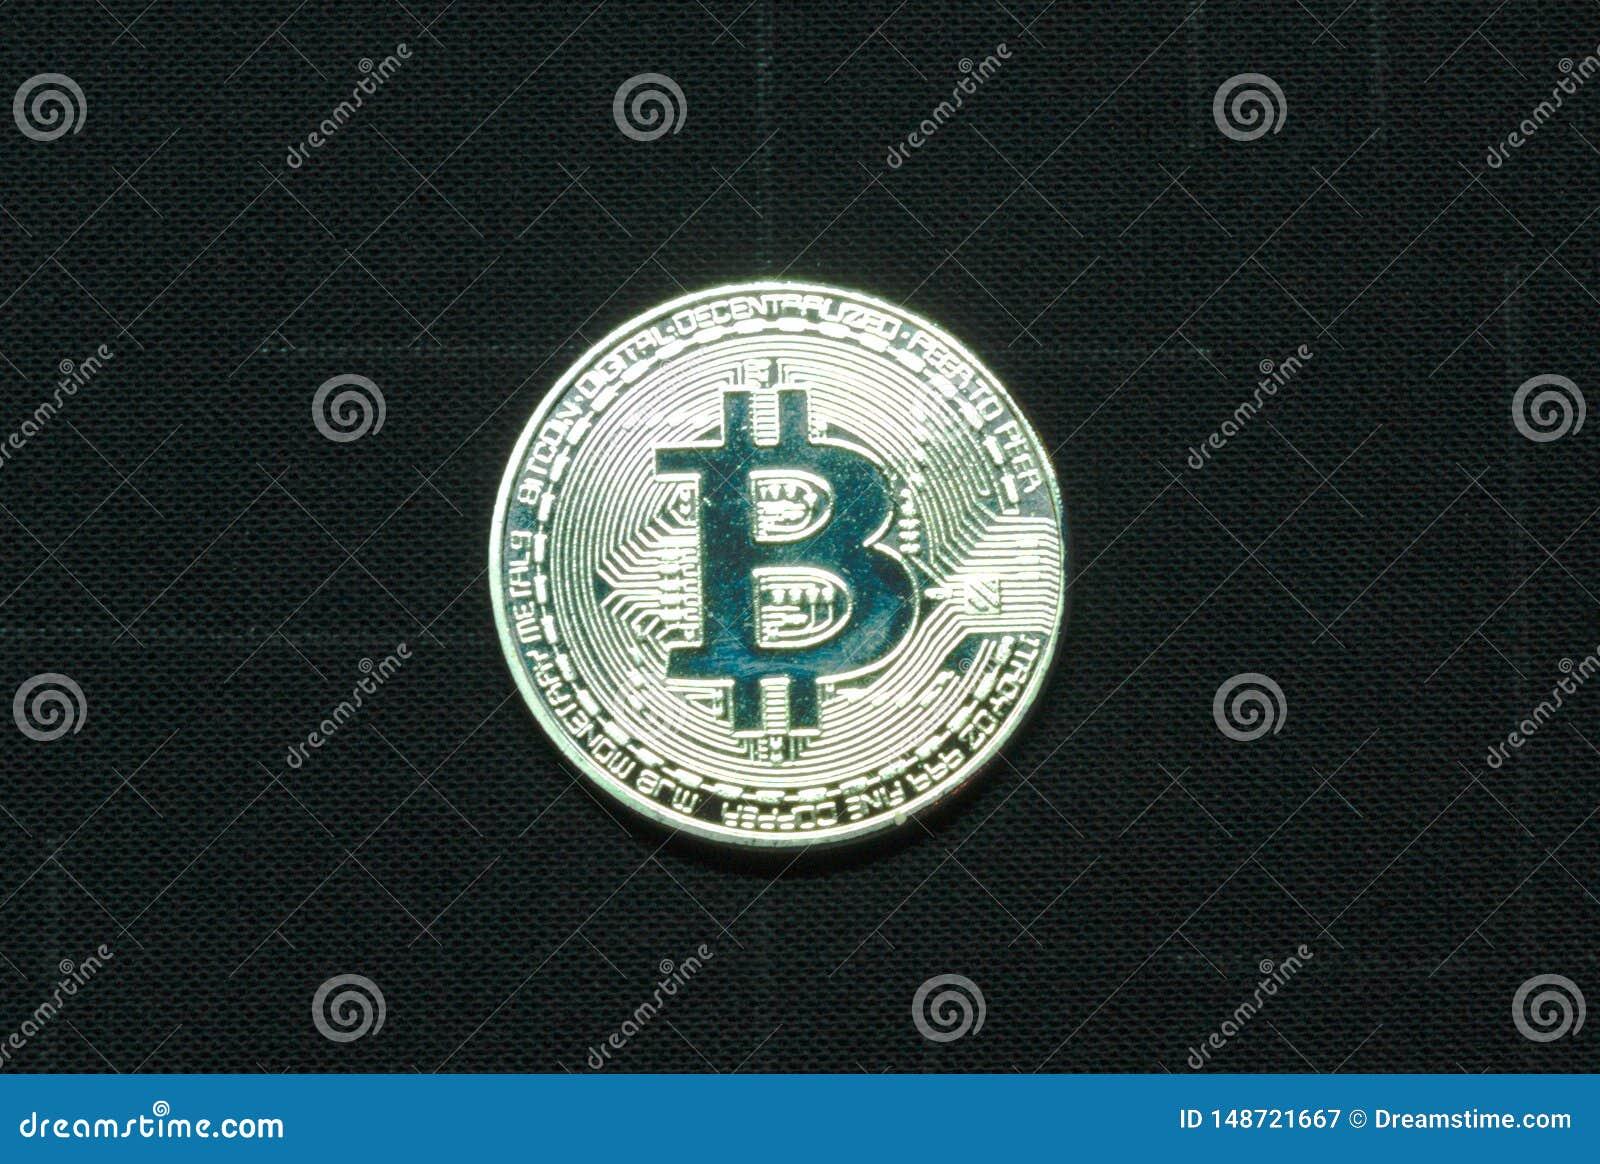 Ilver-bitcoin Münze auf schwarzem Hintergrund